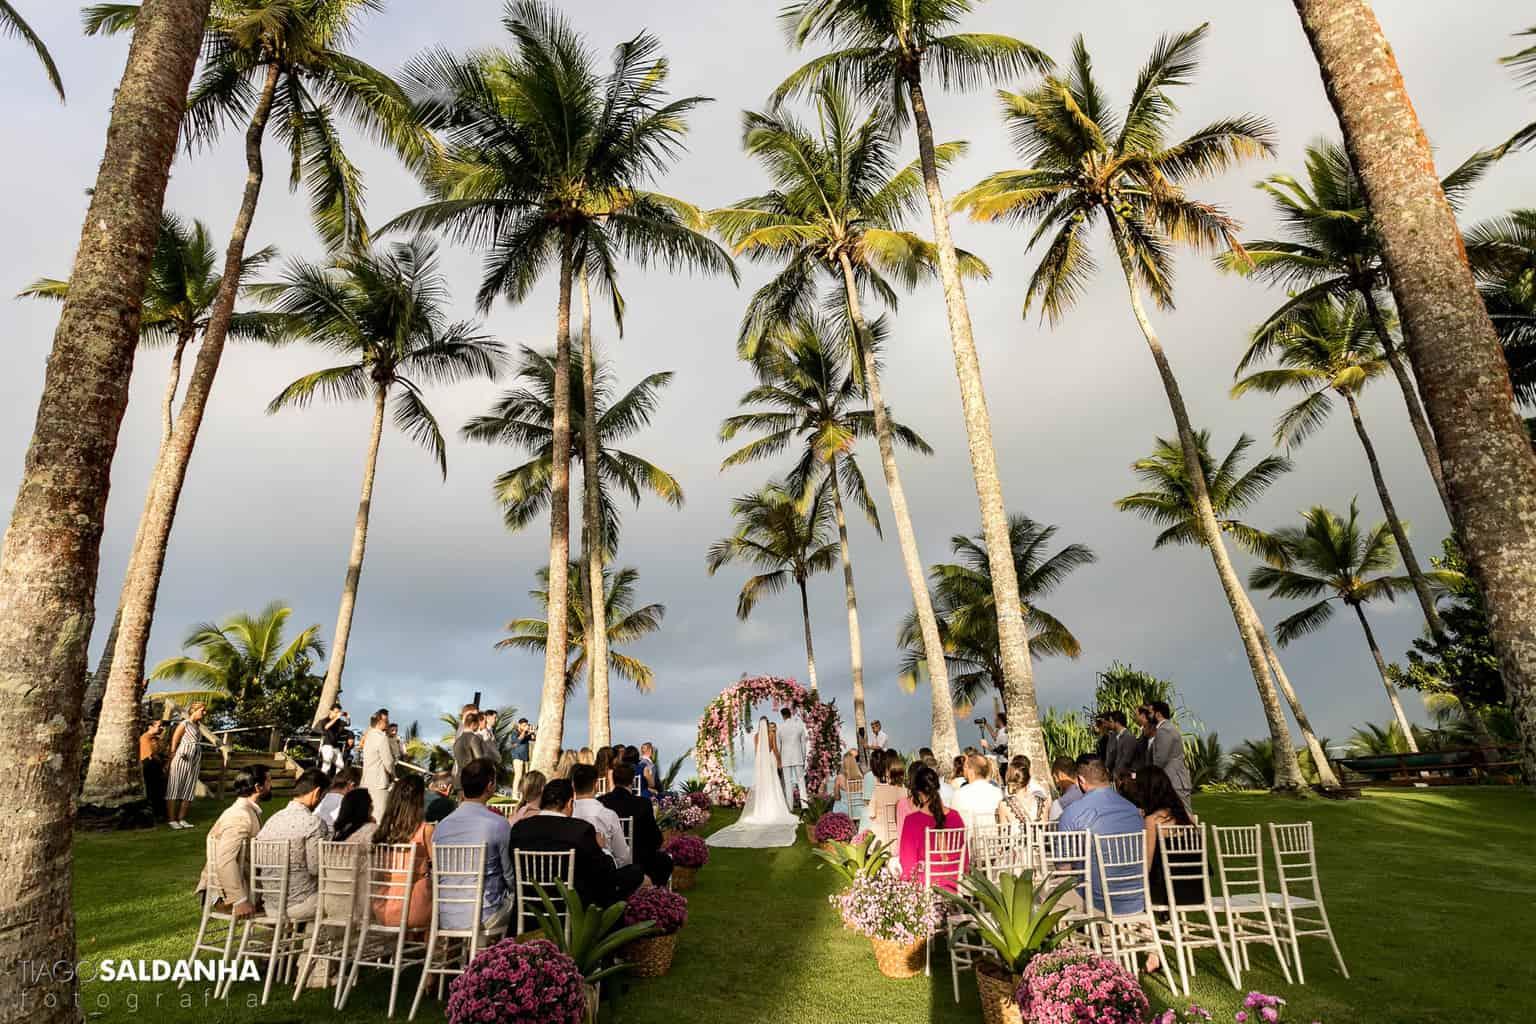 Aliança-no-Espelho-Casamento-Chandrélin-e-Laureano-cerimonia-na-praia-cerimonia-no-jardim-Chan-e-Lau-Rio-da-Barra21